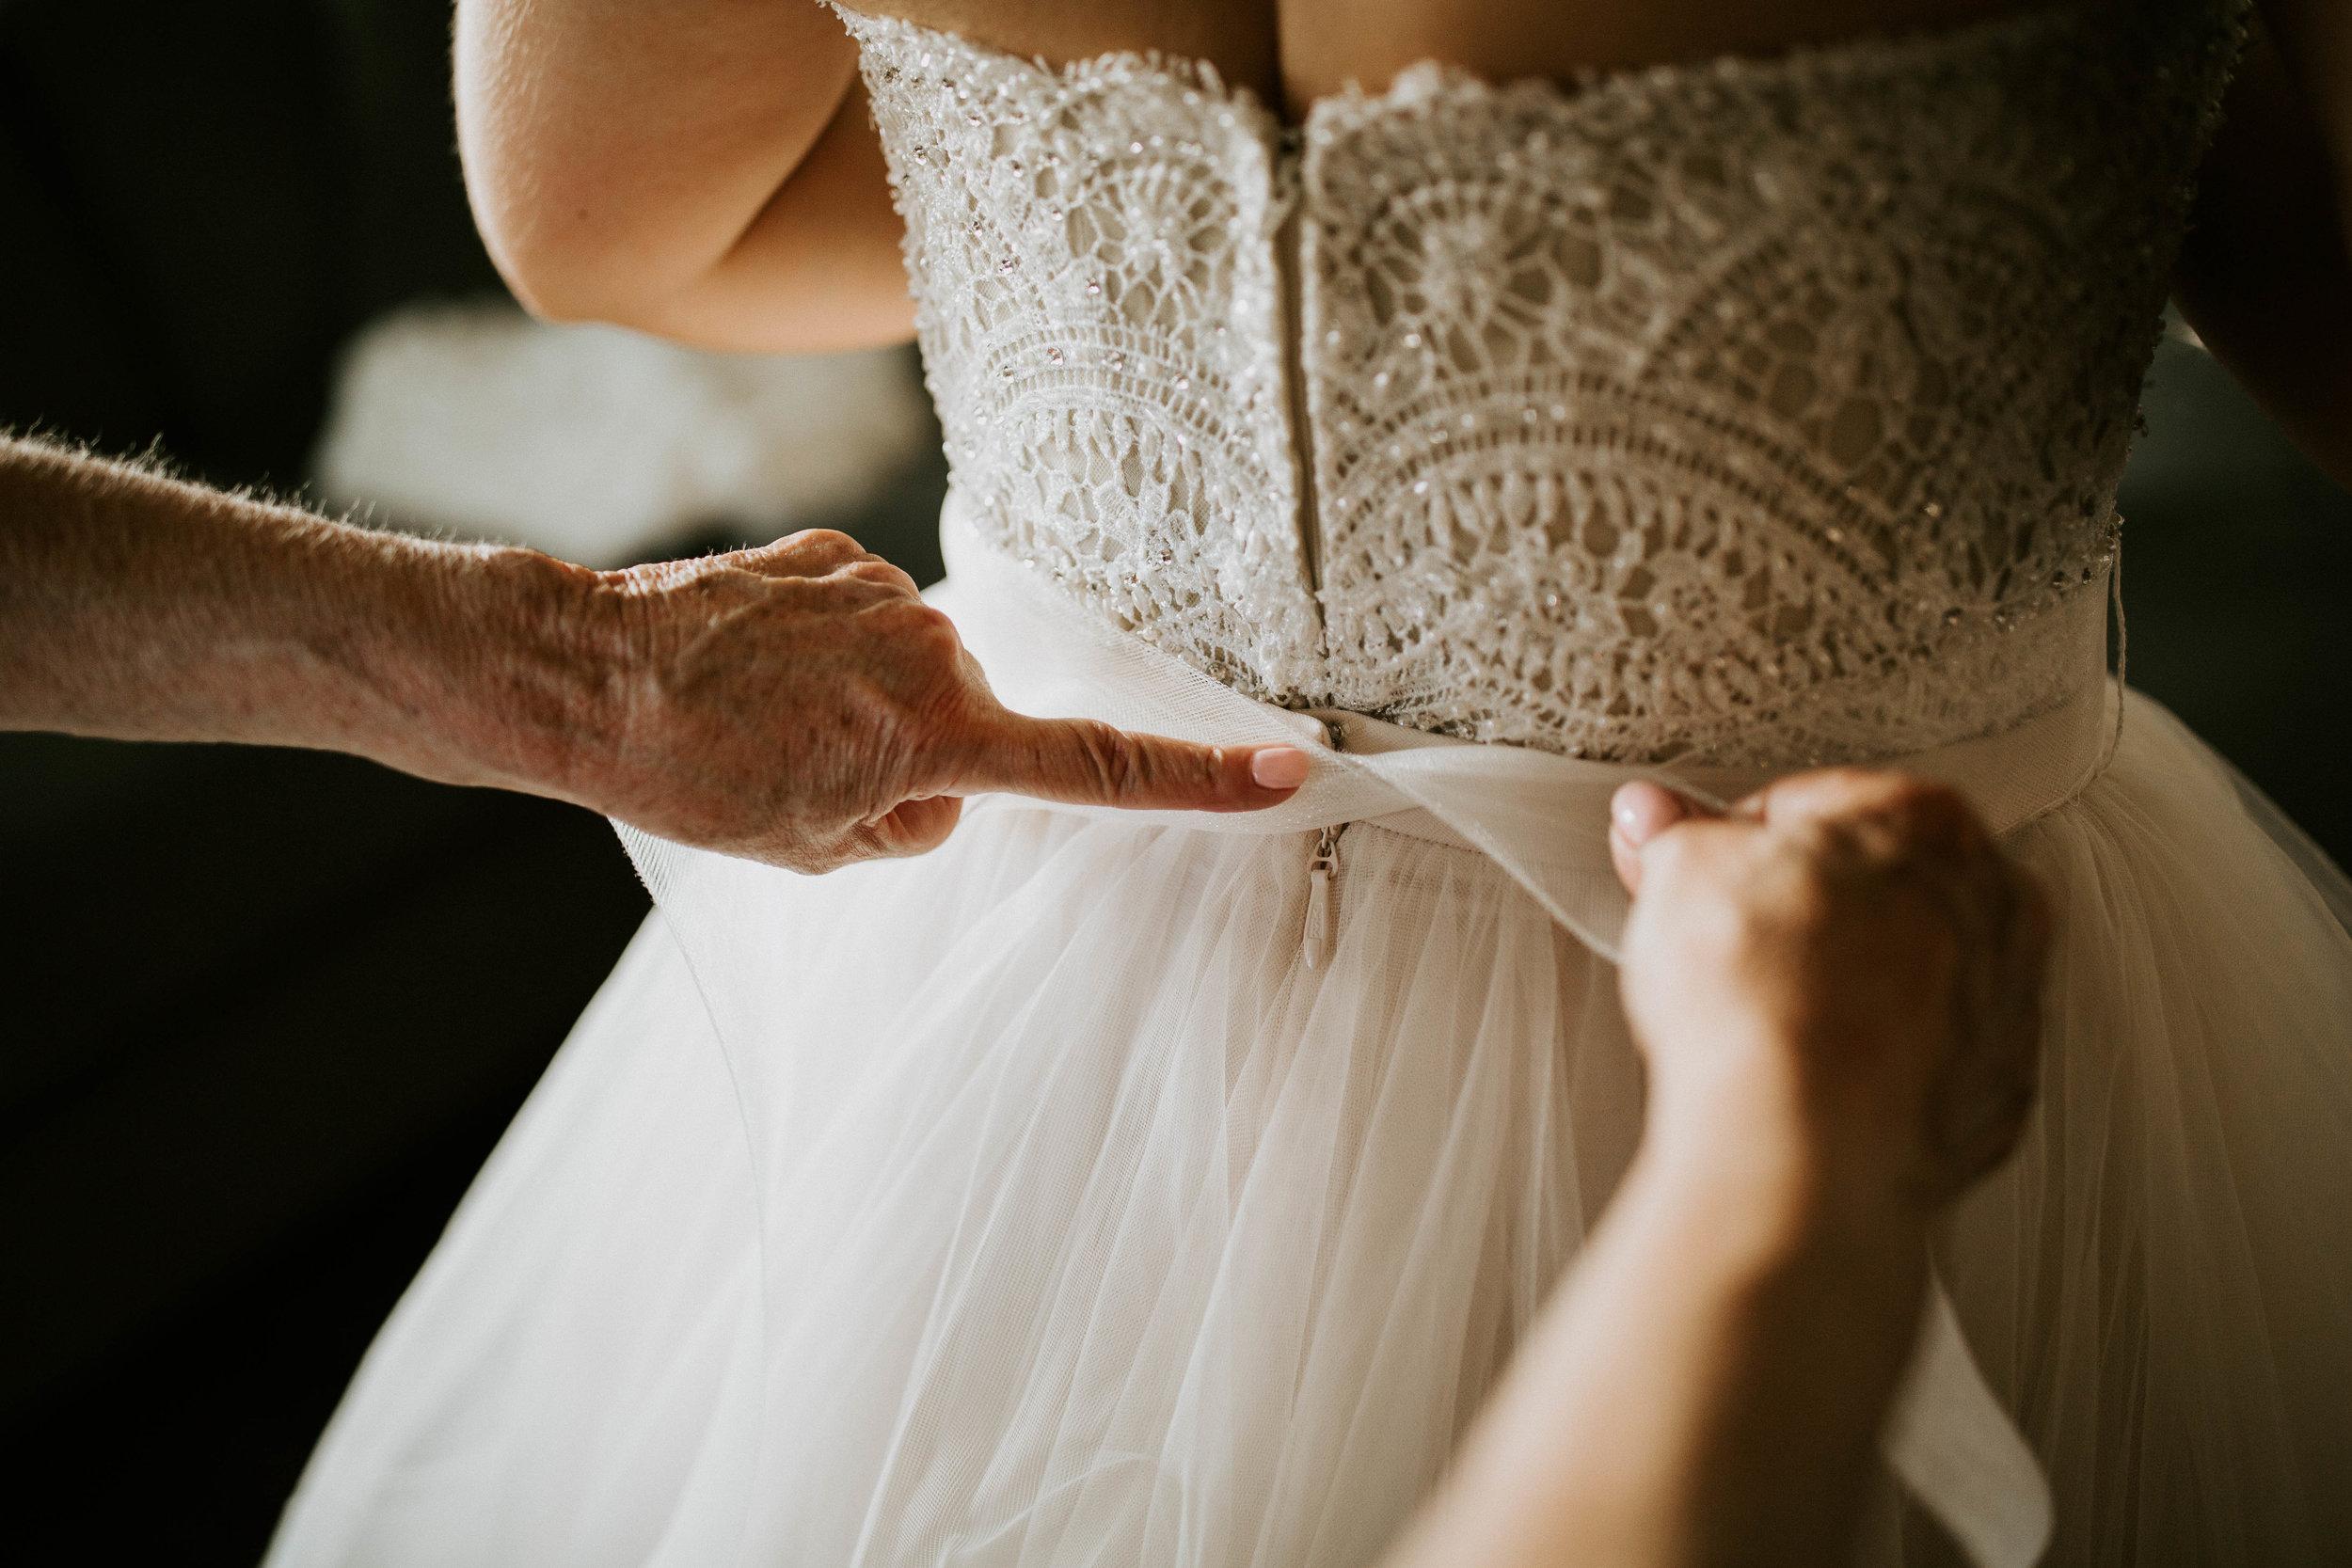 Kelsee&Yudith'sbackyardintimatewedding(37of646).jpg